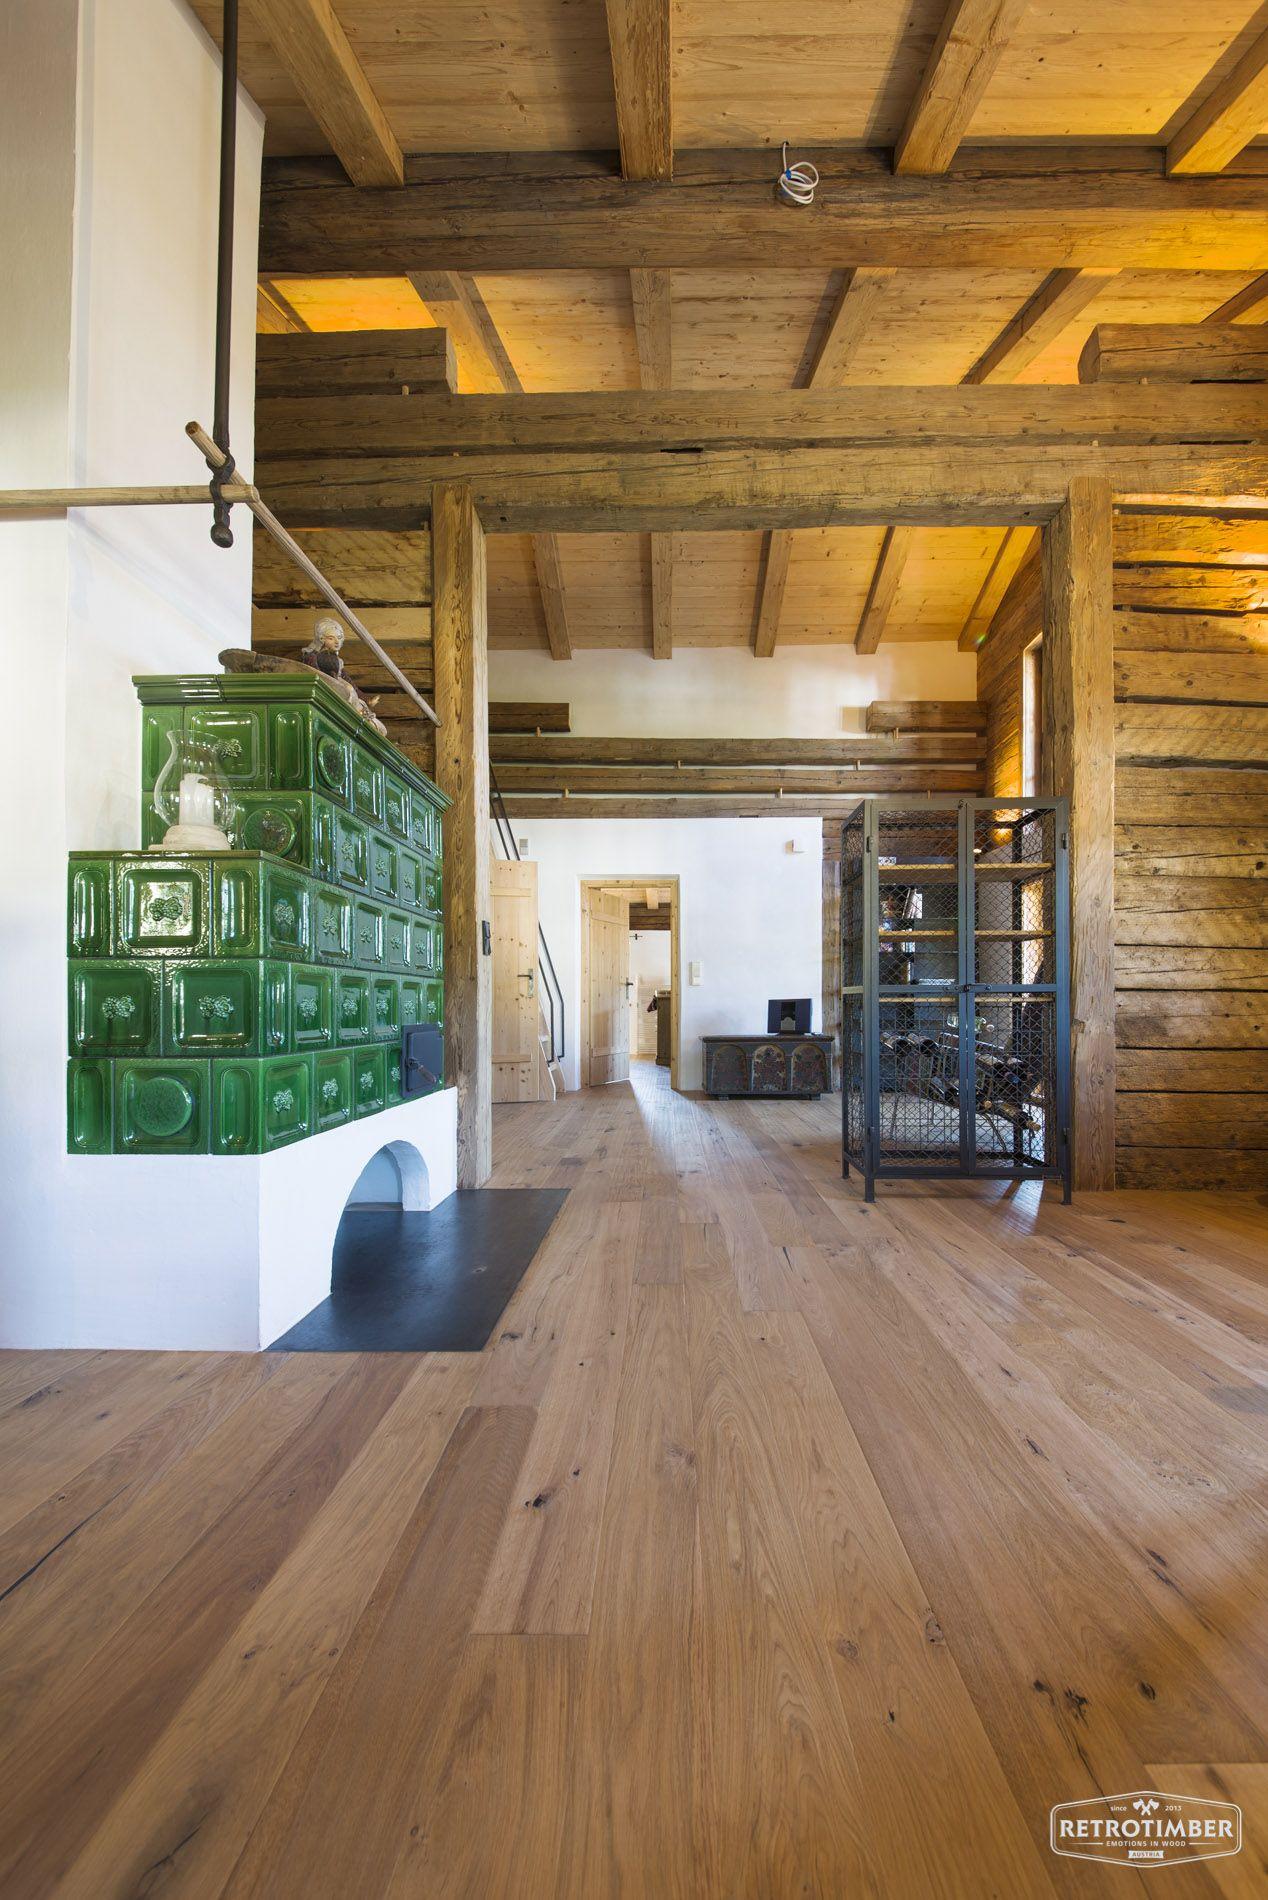 Retrotimber Altholz Balken Hausbau Bau Fichte Larche